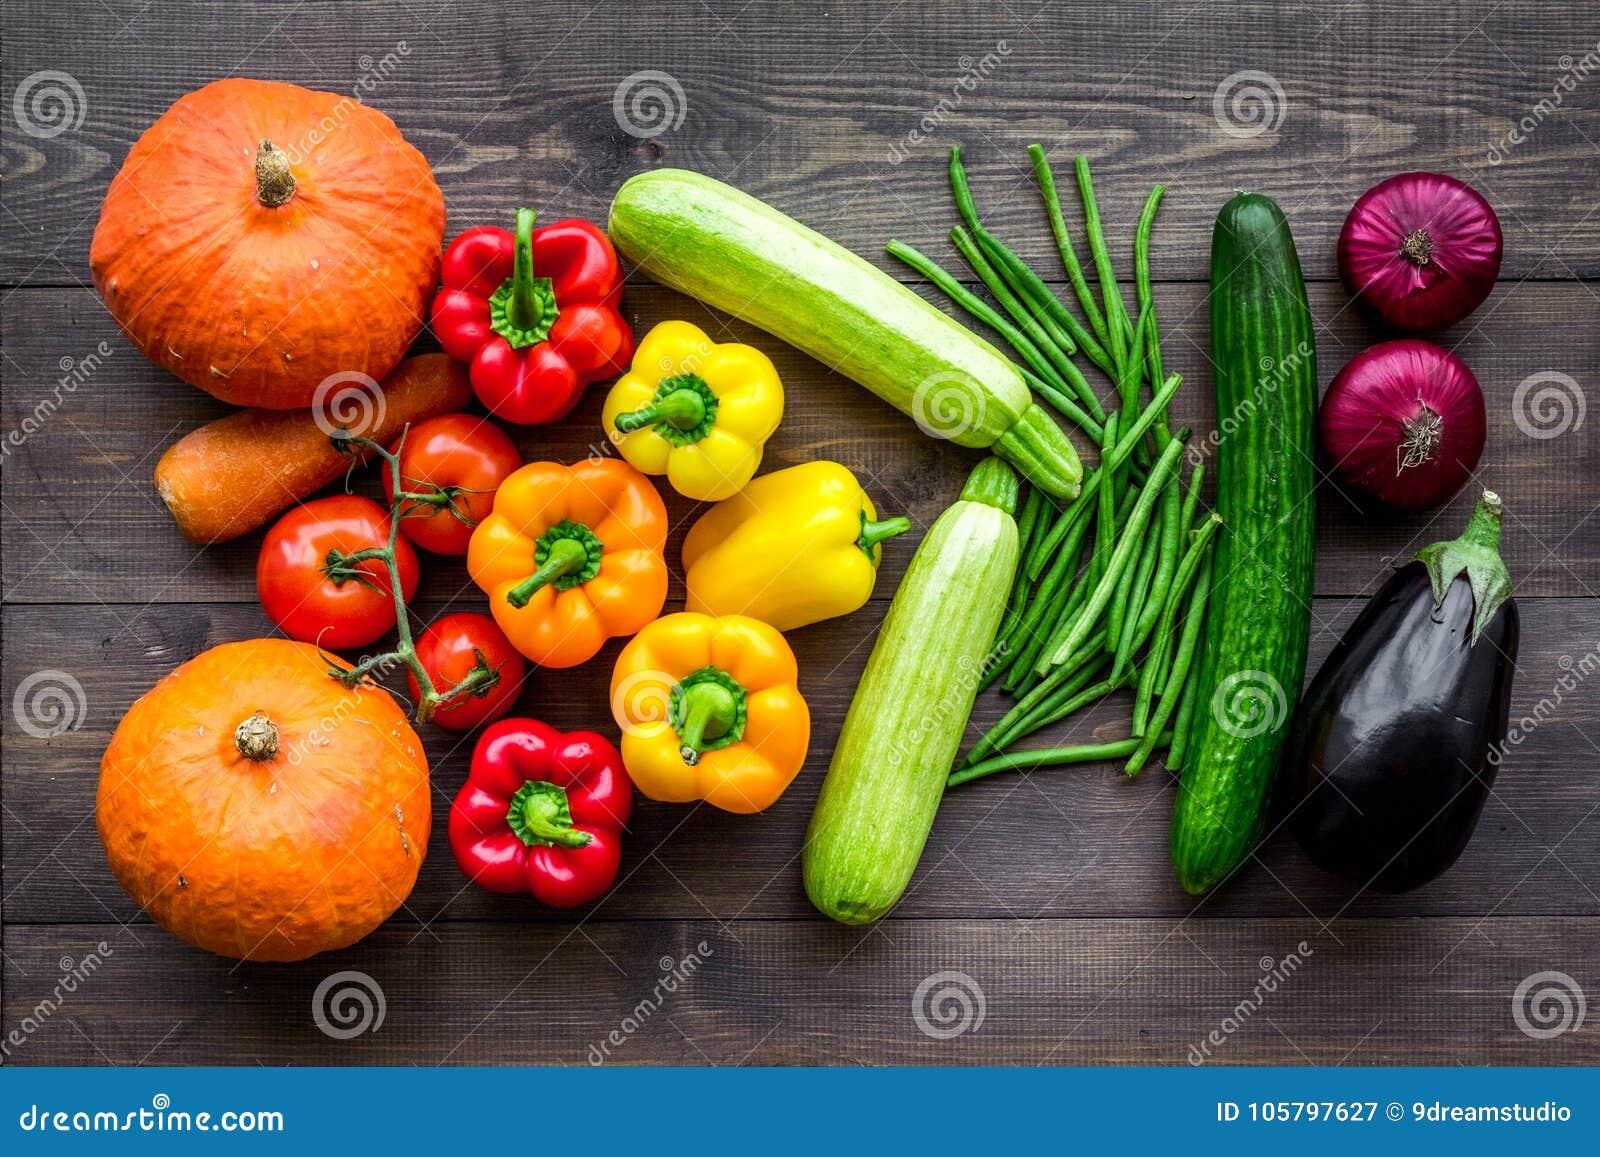 Baza zdrowa dieta Warzywa banie, papryka, pomidory, marchewka, zucchini, oberżyna na ciemnym drewnianym tło wierzchołku